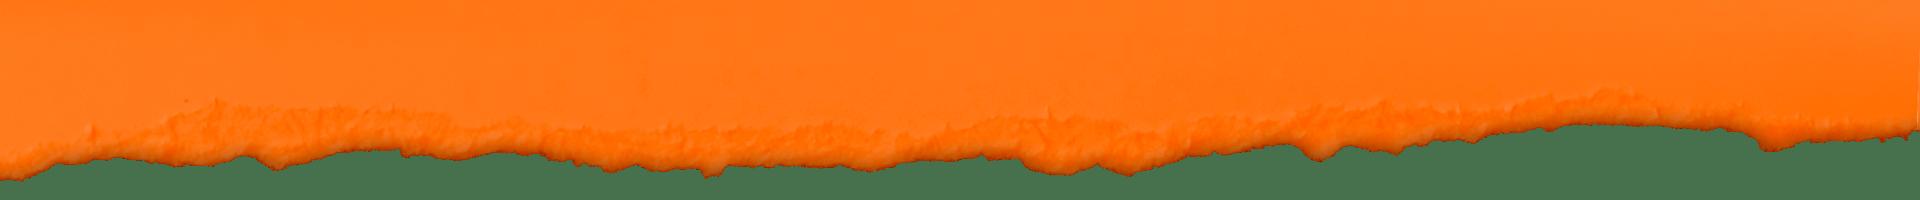 cic- rip orange2